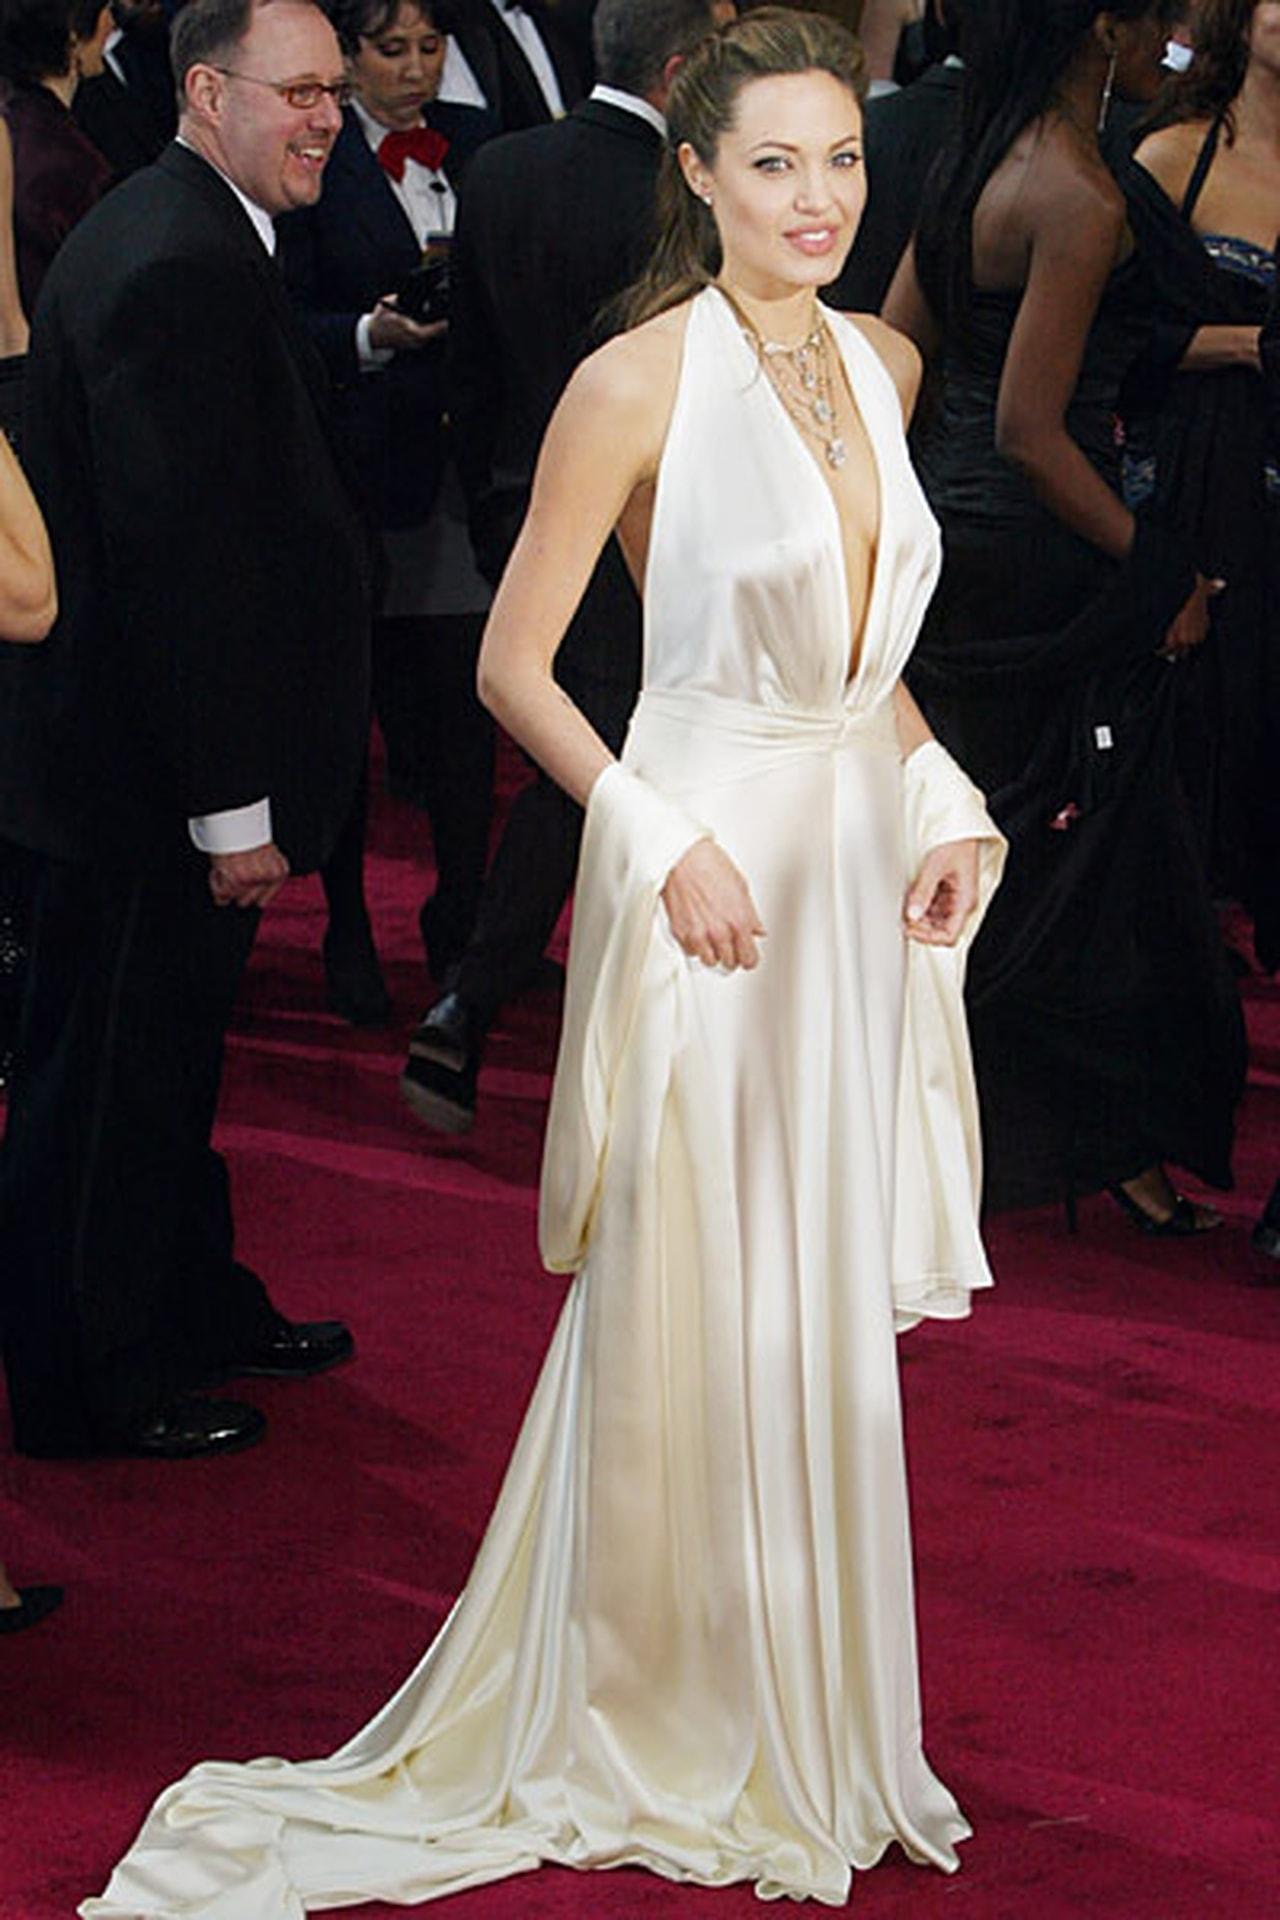 صوره فساتين انجلينا جولي , اجرء اطلالات انجلينا جولي